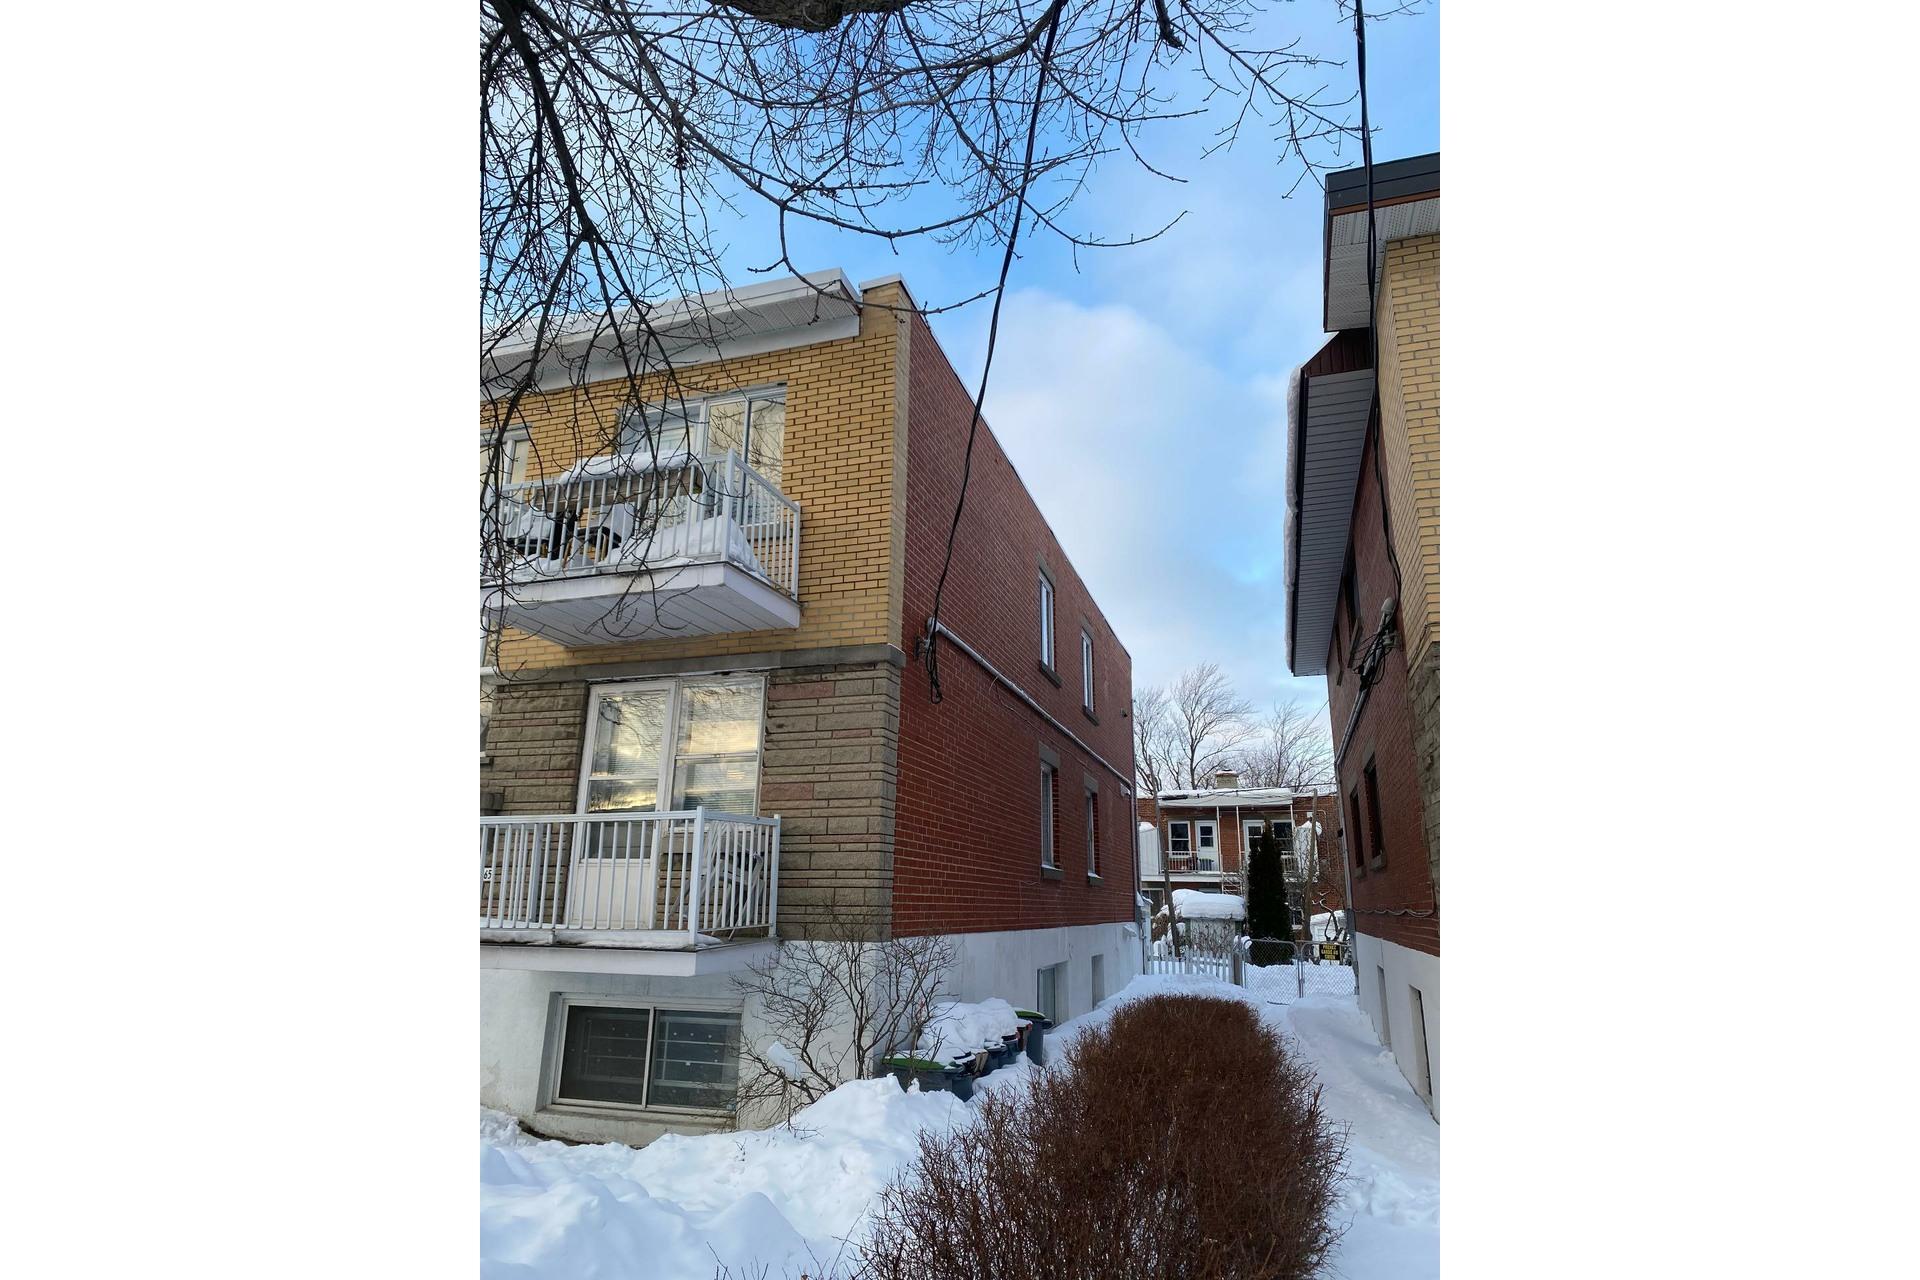 image 2 - Triplex À vendre Rosemont/La Petite-Patrie Montréal  - 4 pièces